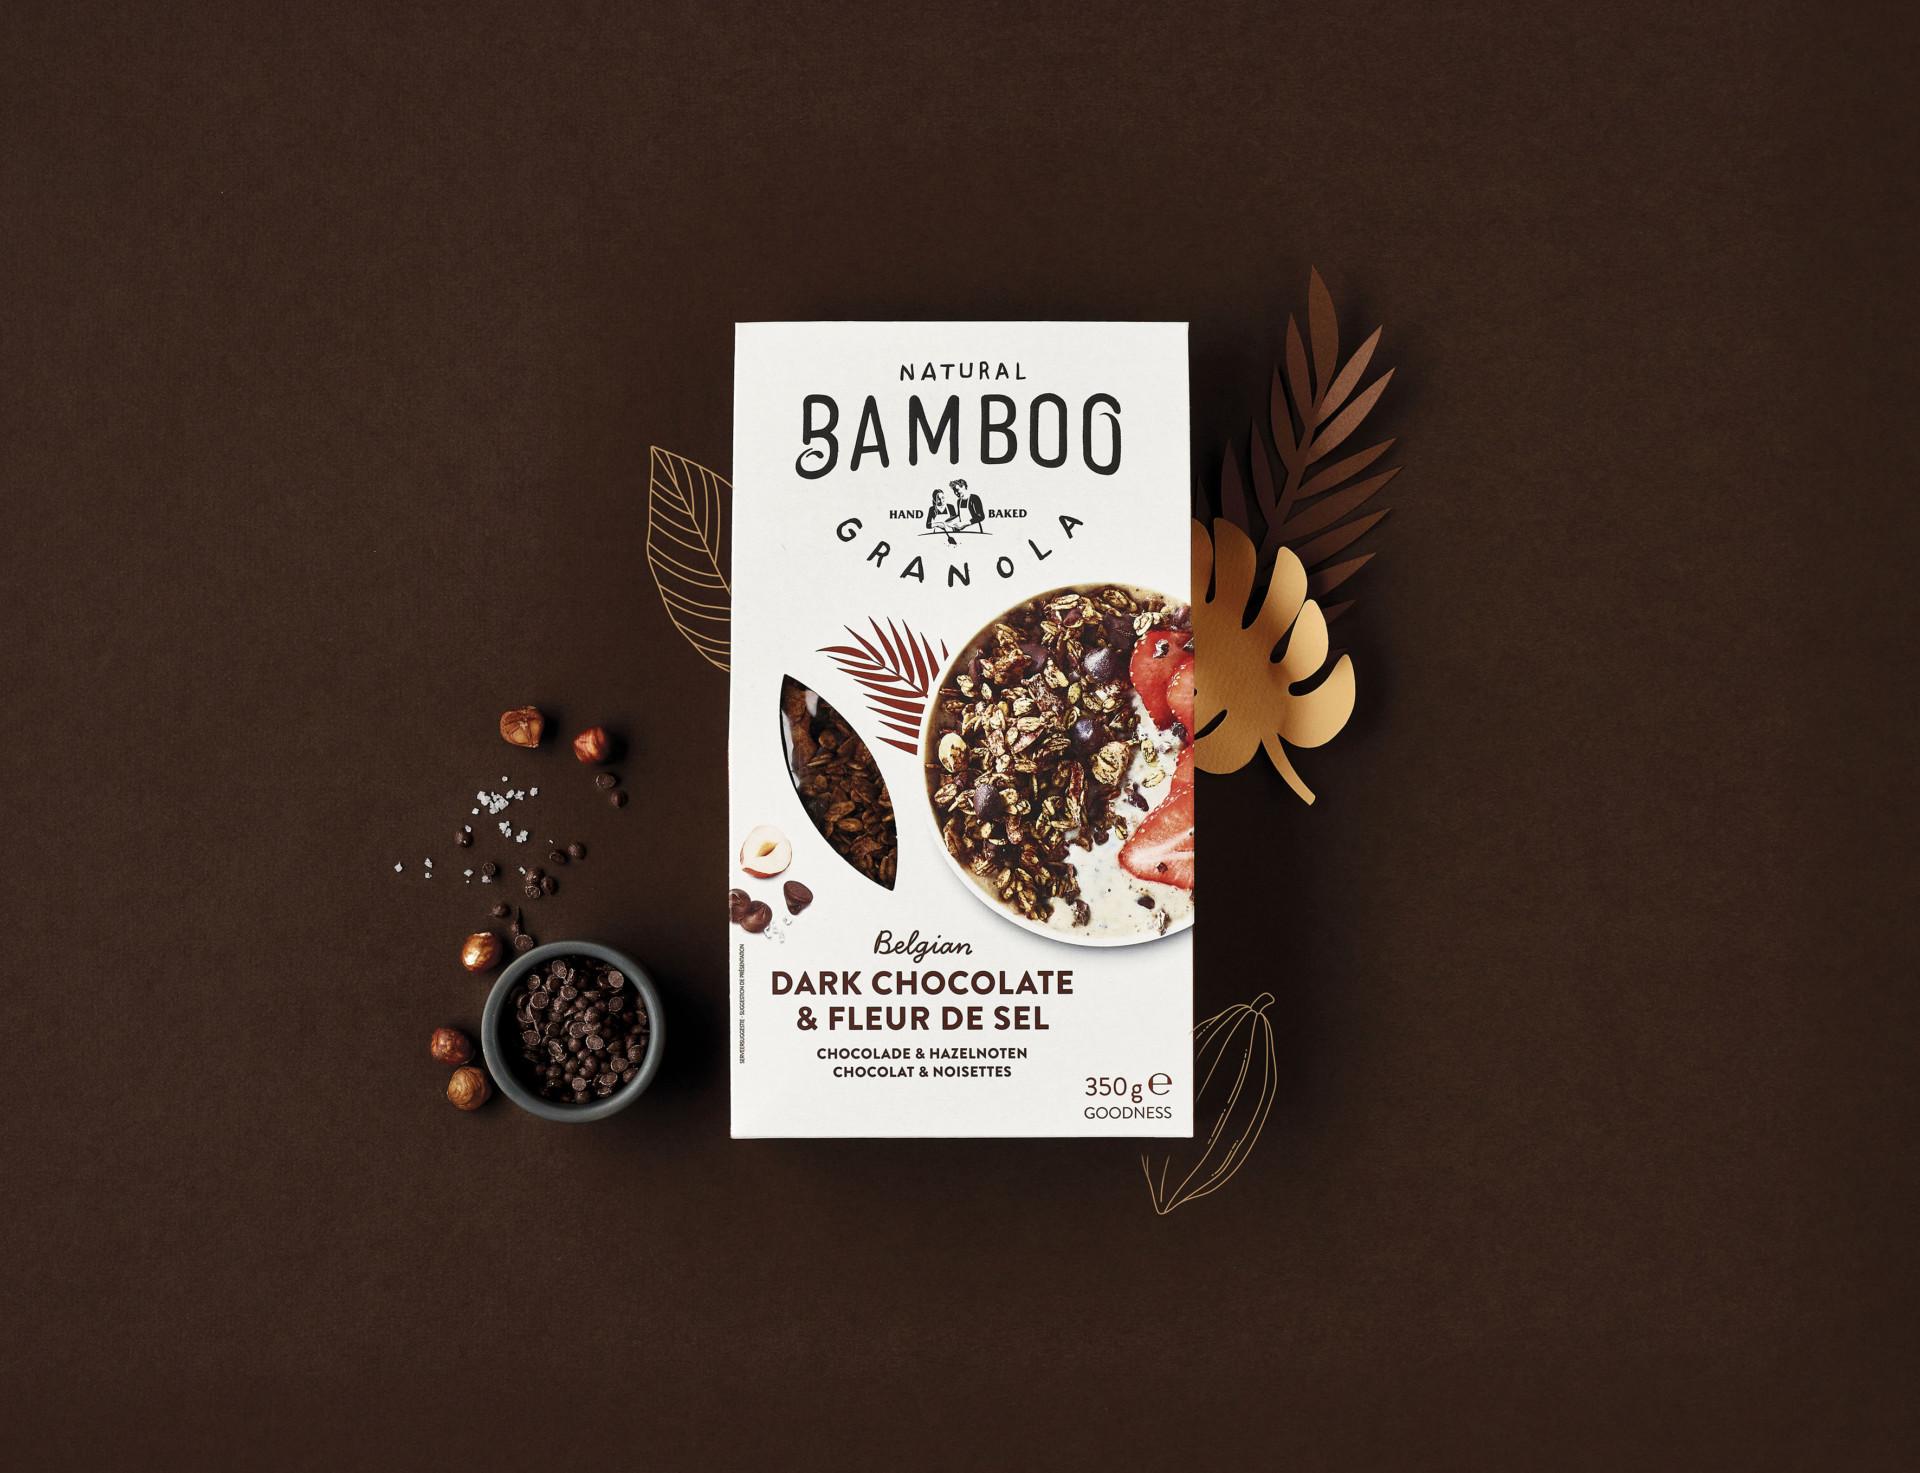 DesignRepublic for Bamboo